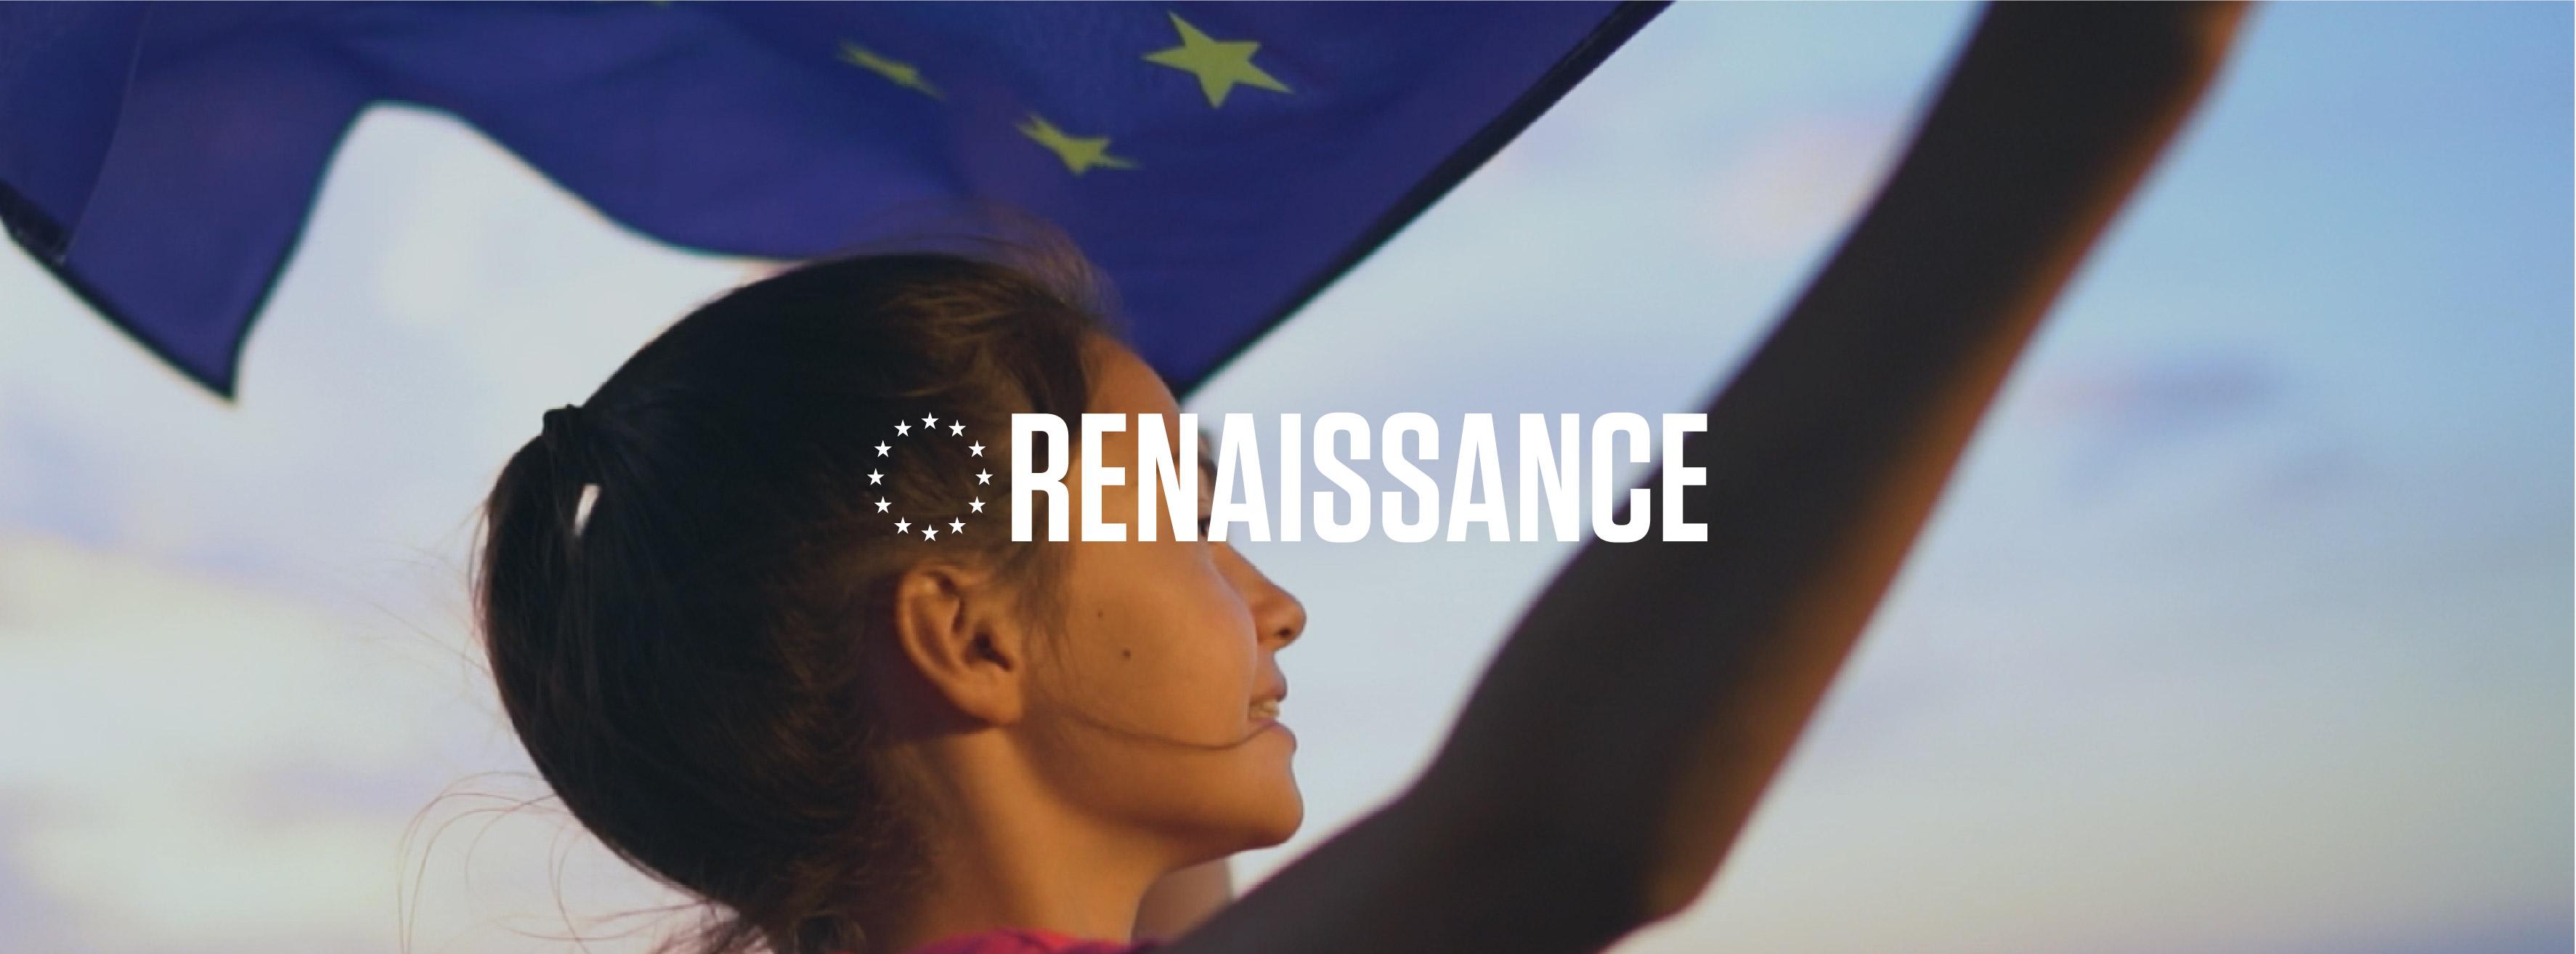 Européennes 2019 - Renaissance, le projet